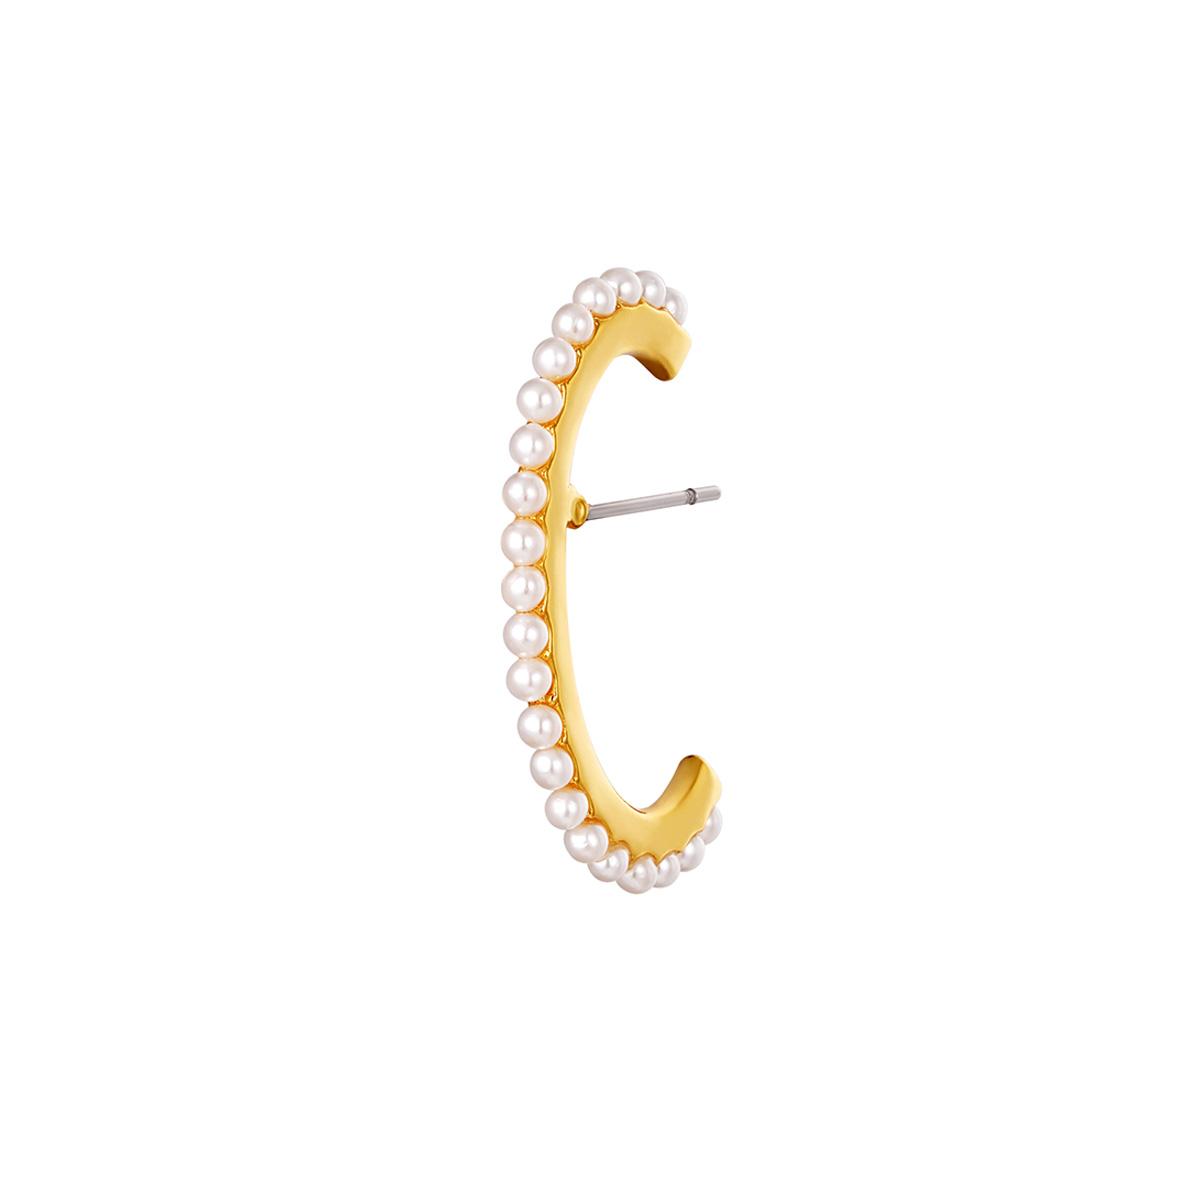 Earcuff piercing pearls